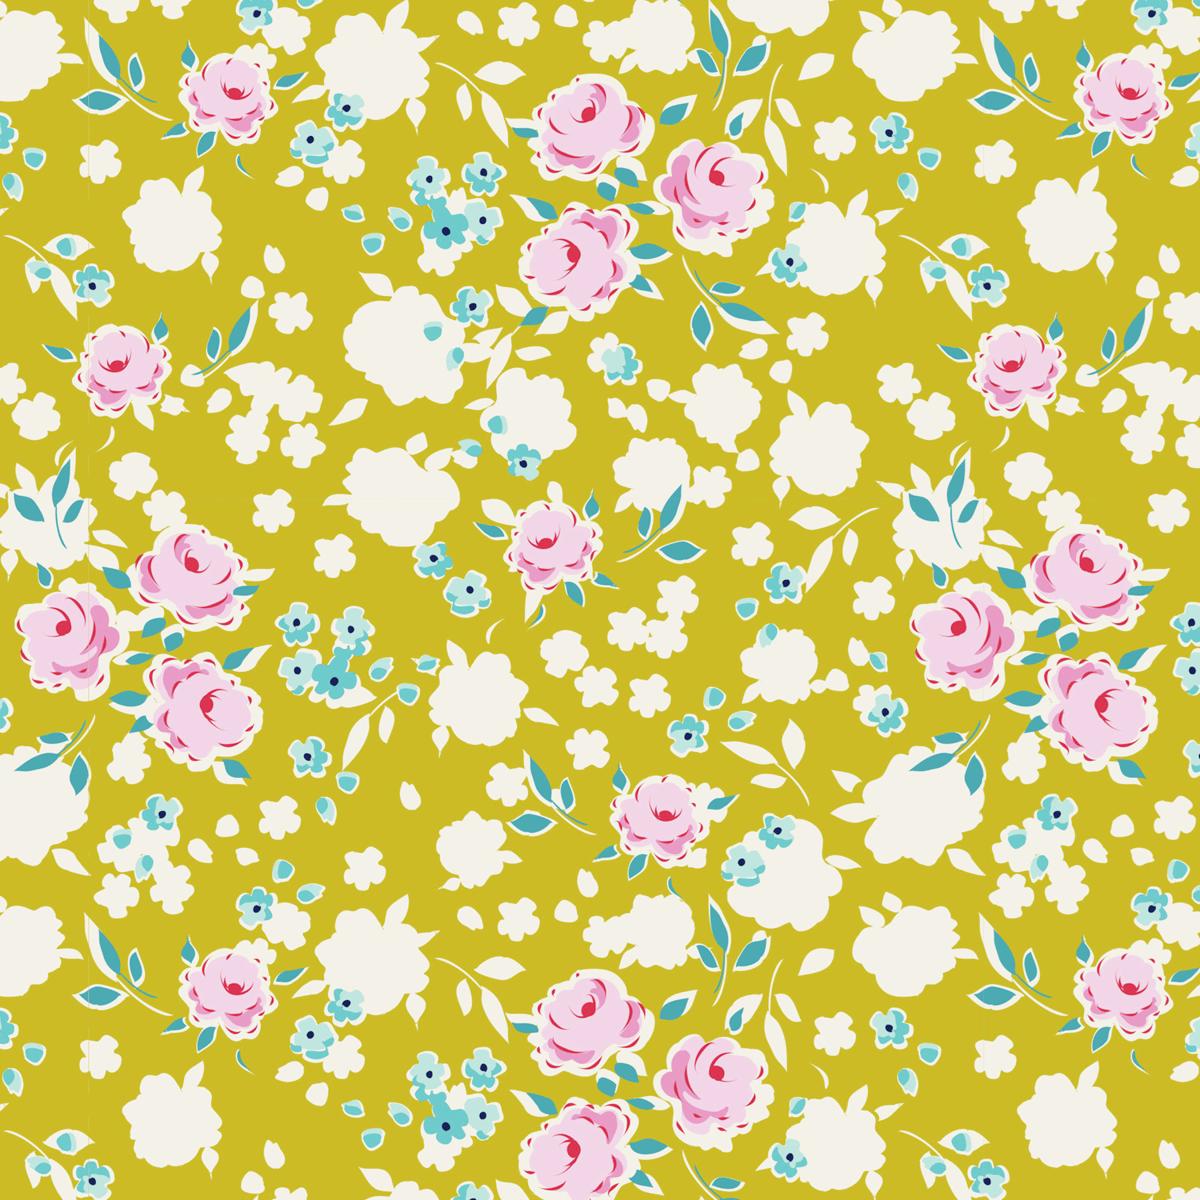 Tilda 100% Cotton Fabric Apple Butter, Bonnie, Mustard Fat Qtr